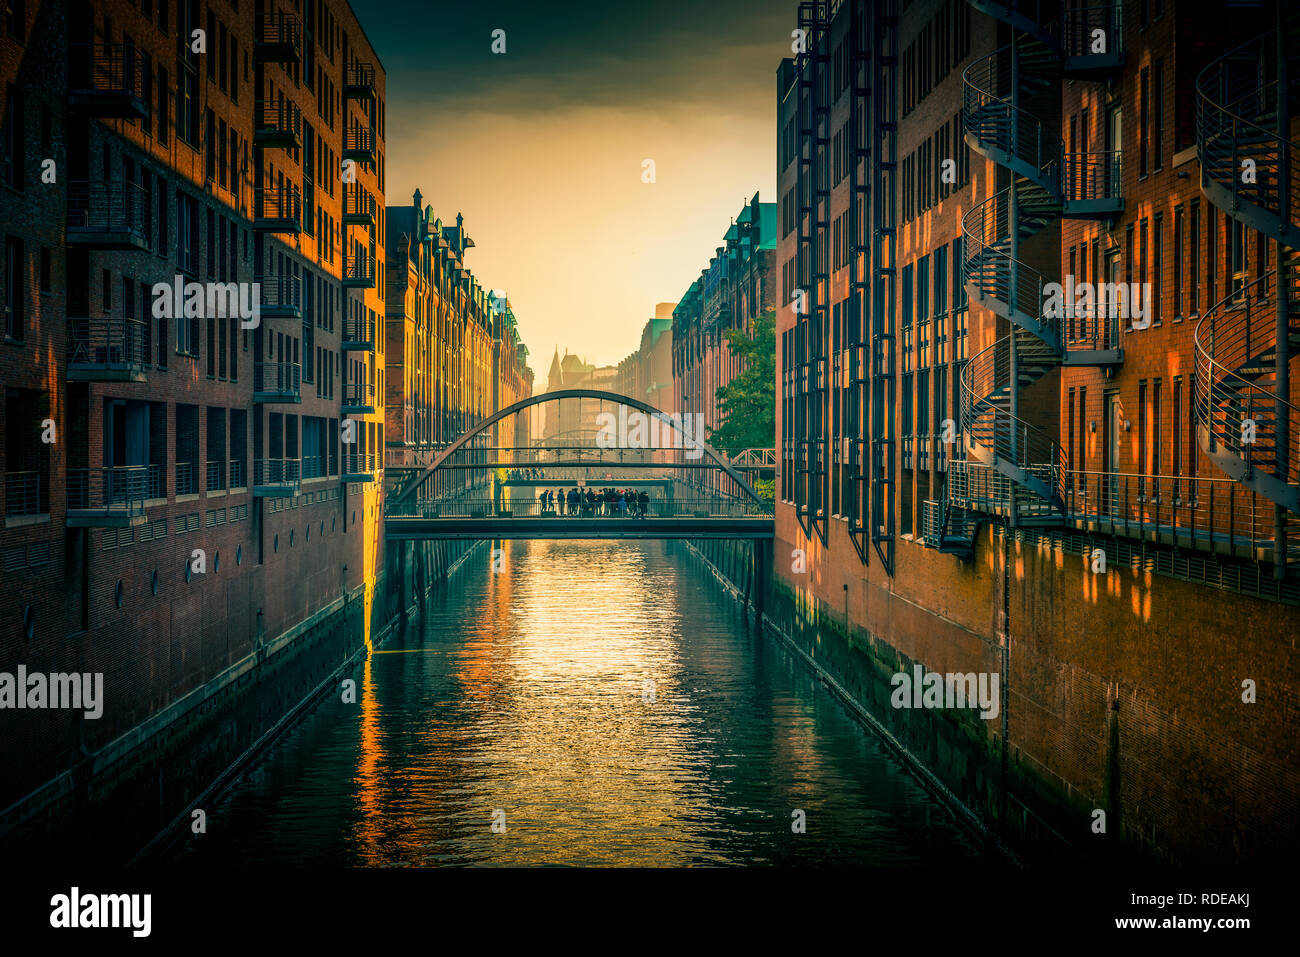 Deutschland, Hamburg, Elbe, Hafen, Speicherstadt, Hafencity, Sandbrücke - Stock Image